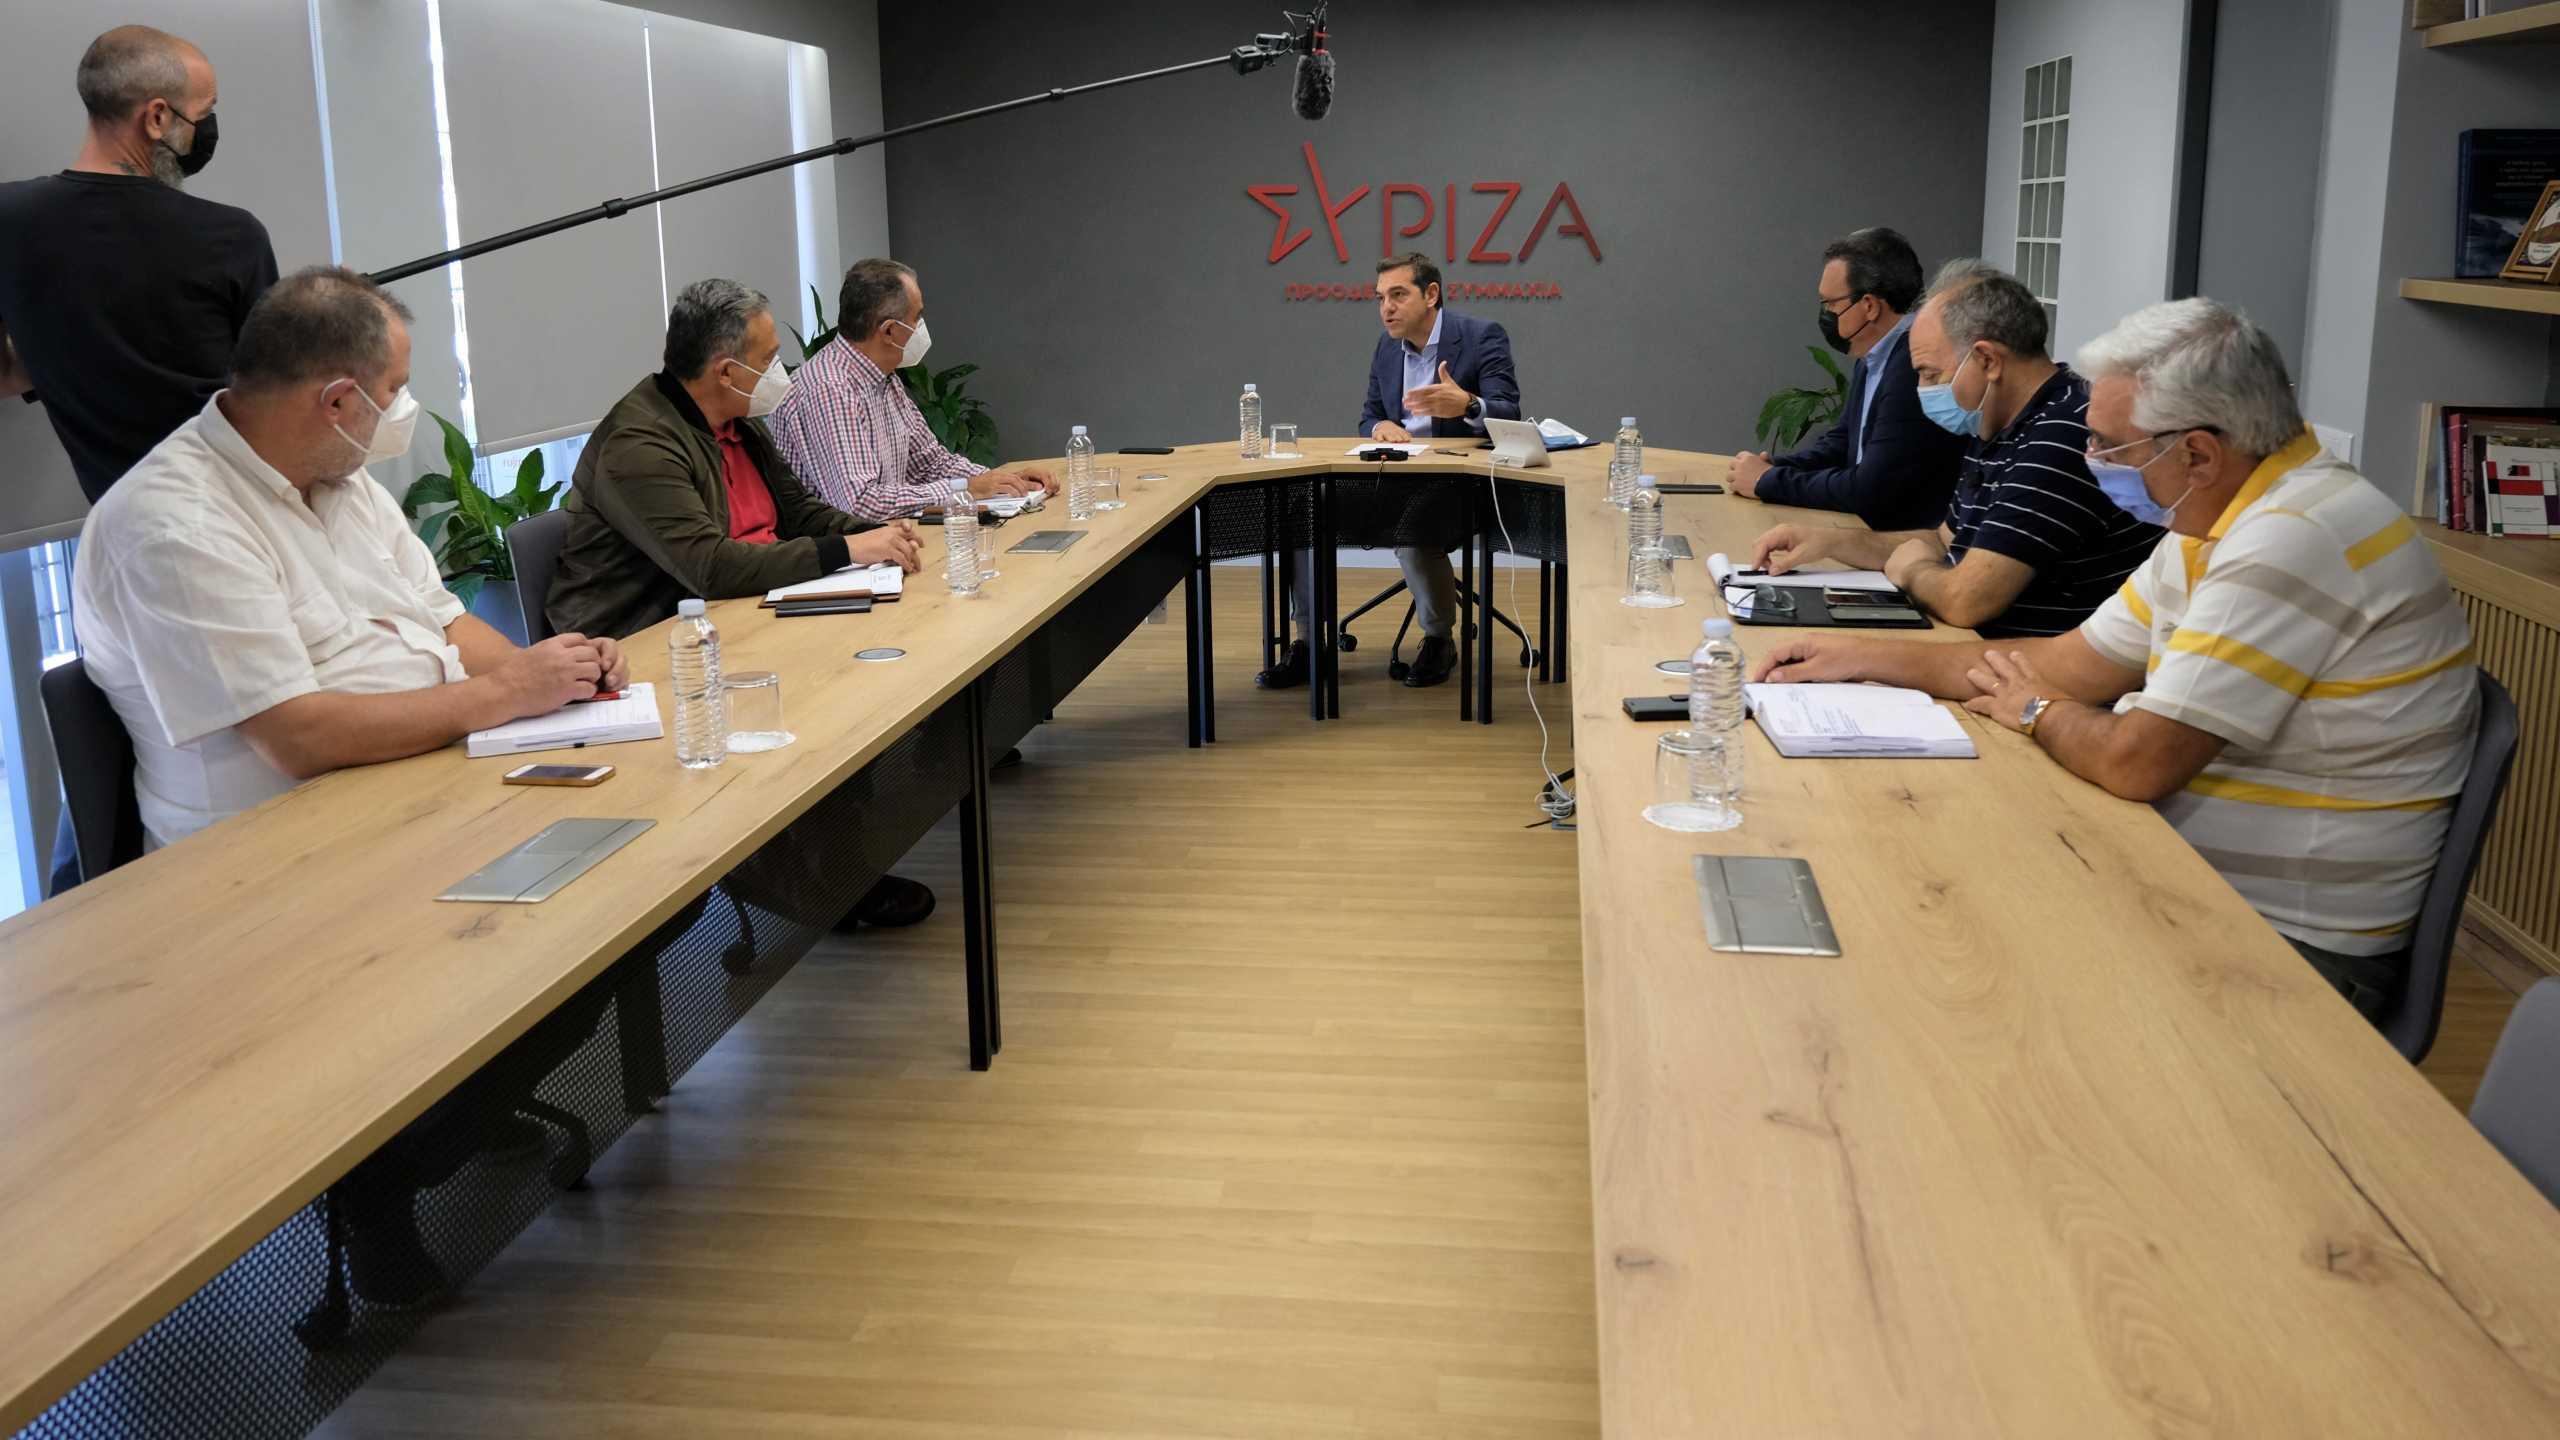 Τσίπρας: Ο Μητσοτάκης εκχωρεί τη ΔΕΗ μέσα σε βαθιά ενεργειακή κρίση